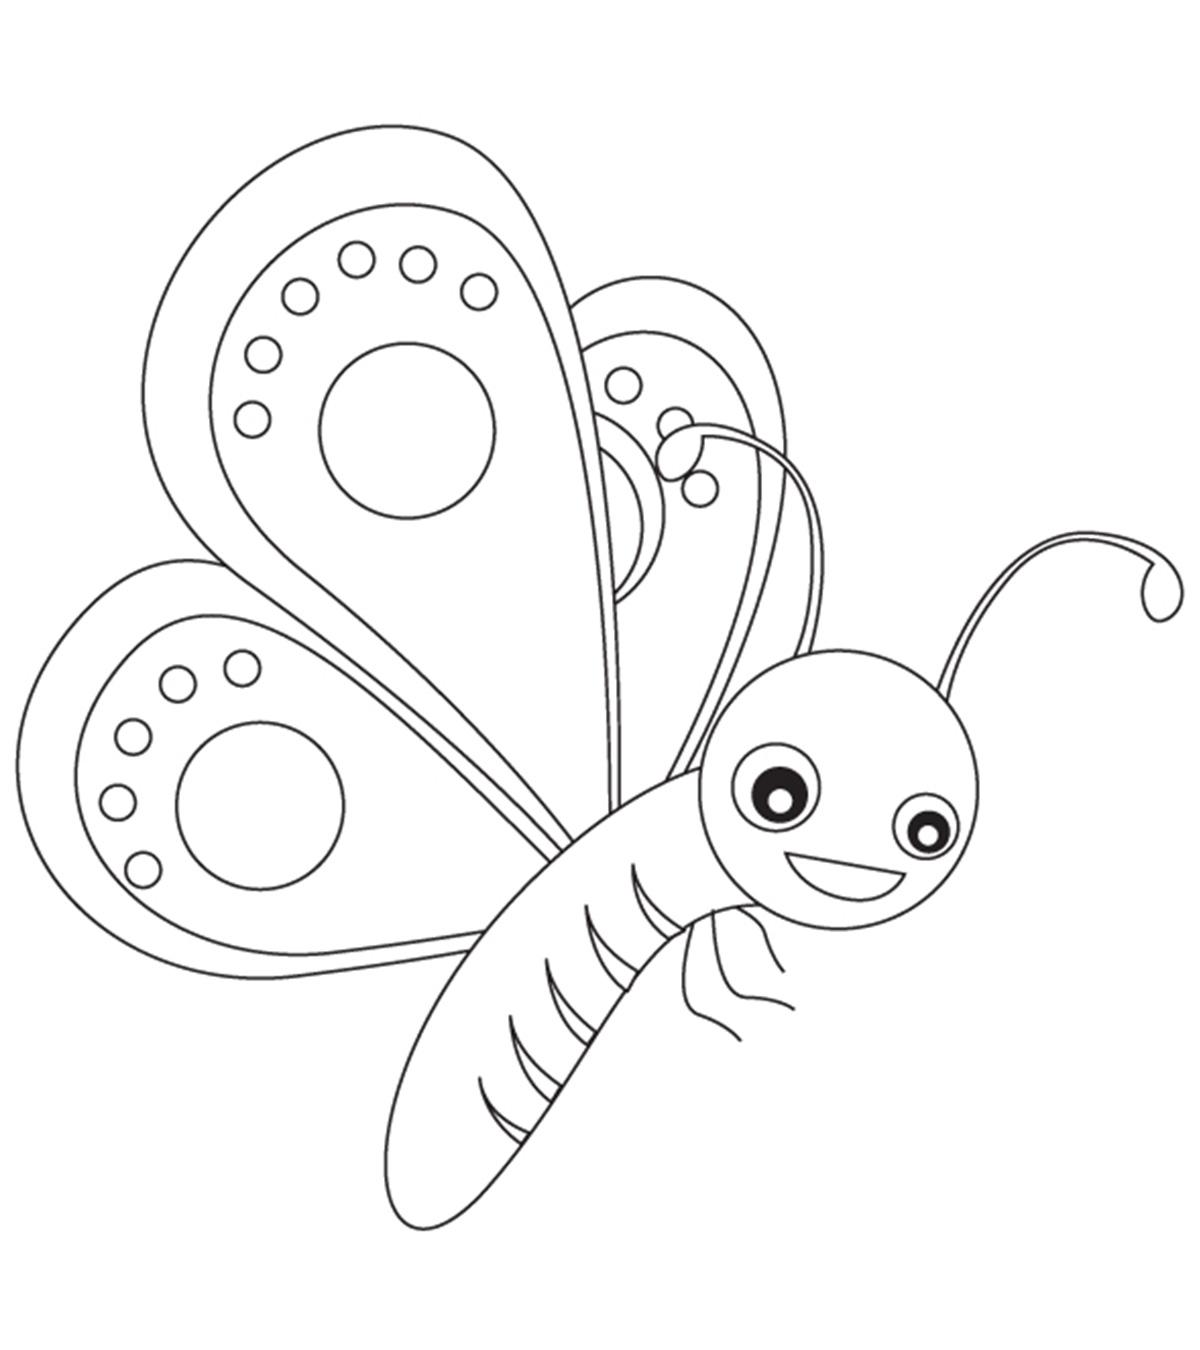 Tranh tô màu con bướm đơn giản đẹp nhất cho bé